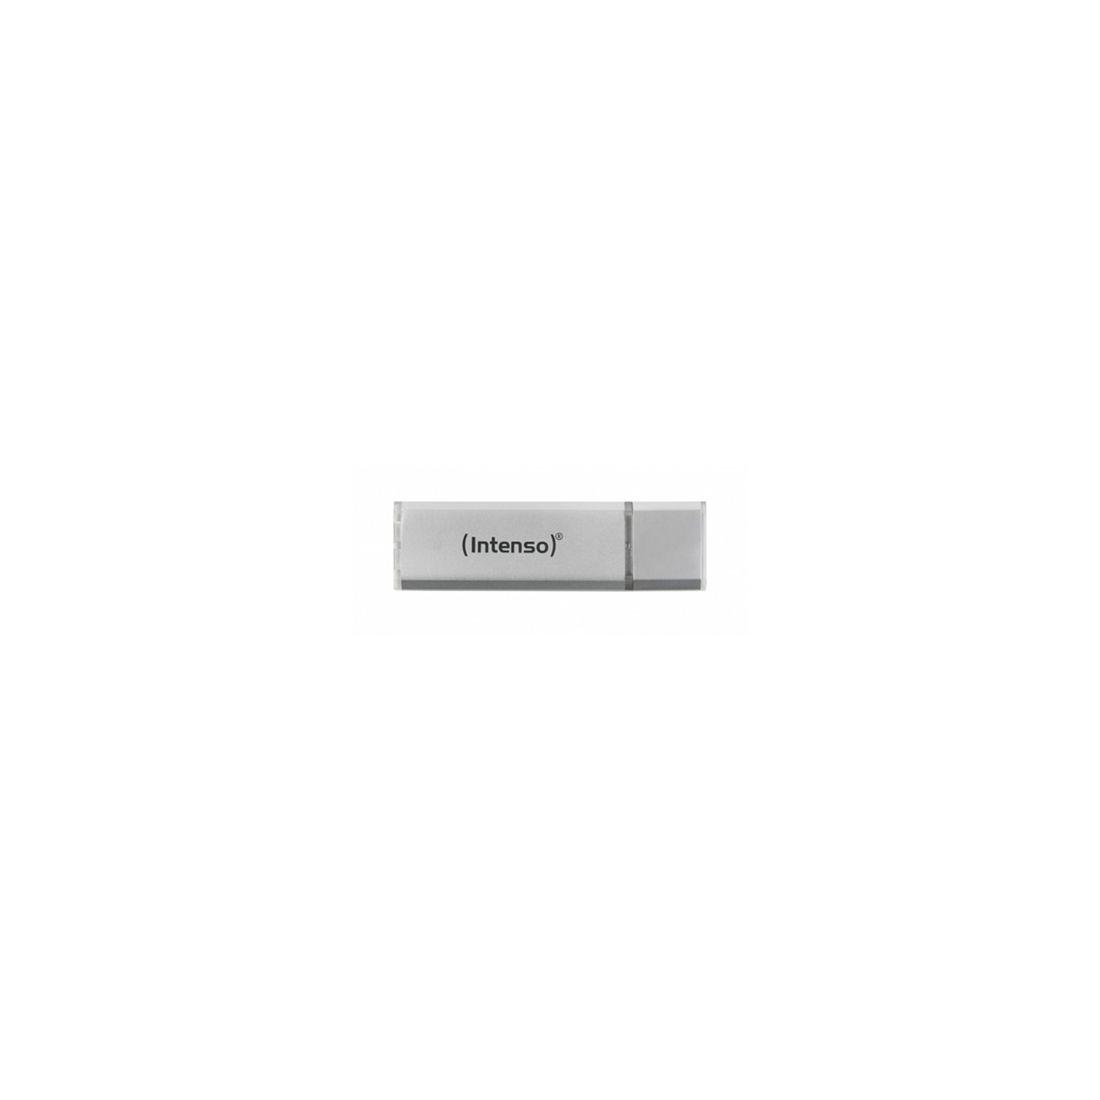 Intenso 3531480 Lapiz USB 30 Ultra 32GB